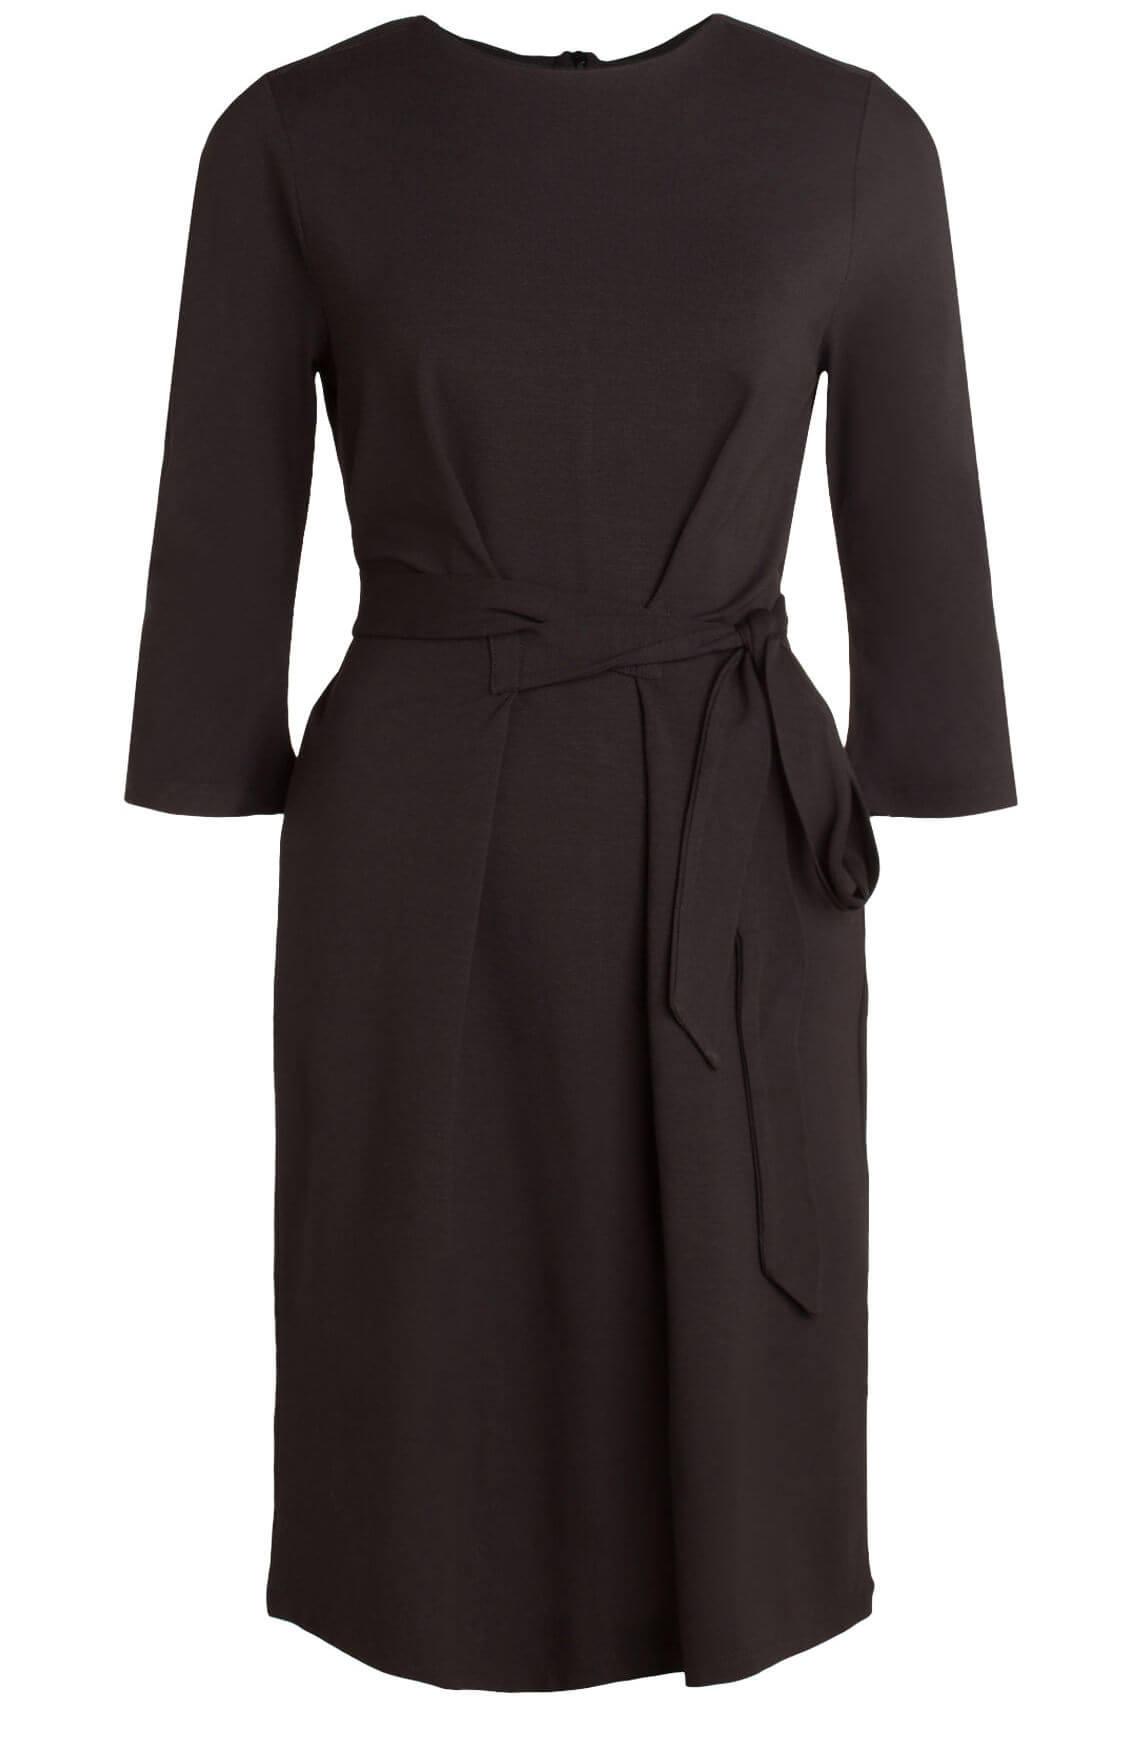 Anna Dames Chique jurk met ceintuur zwart